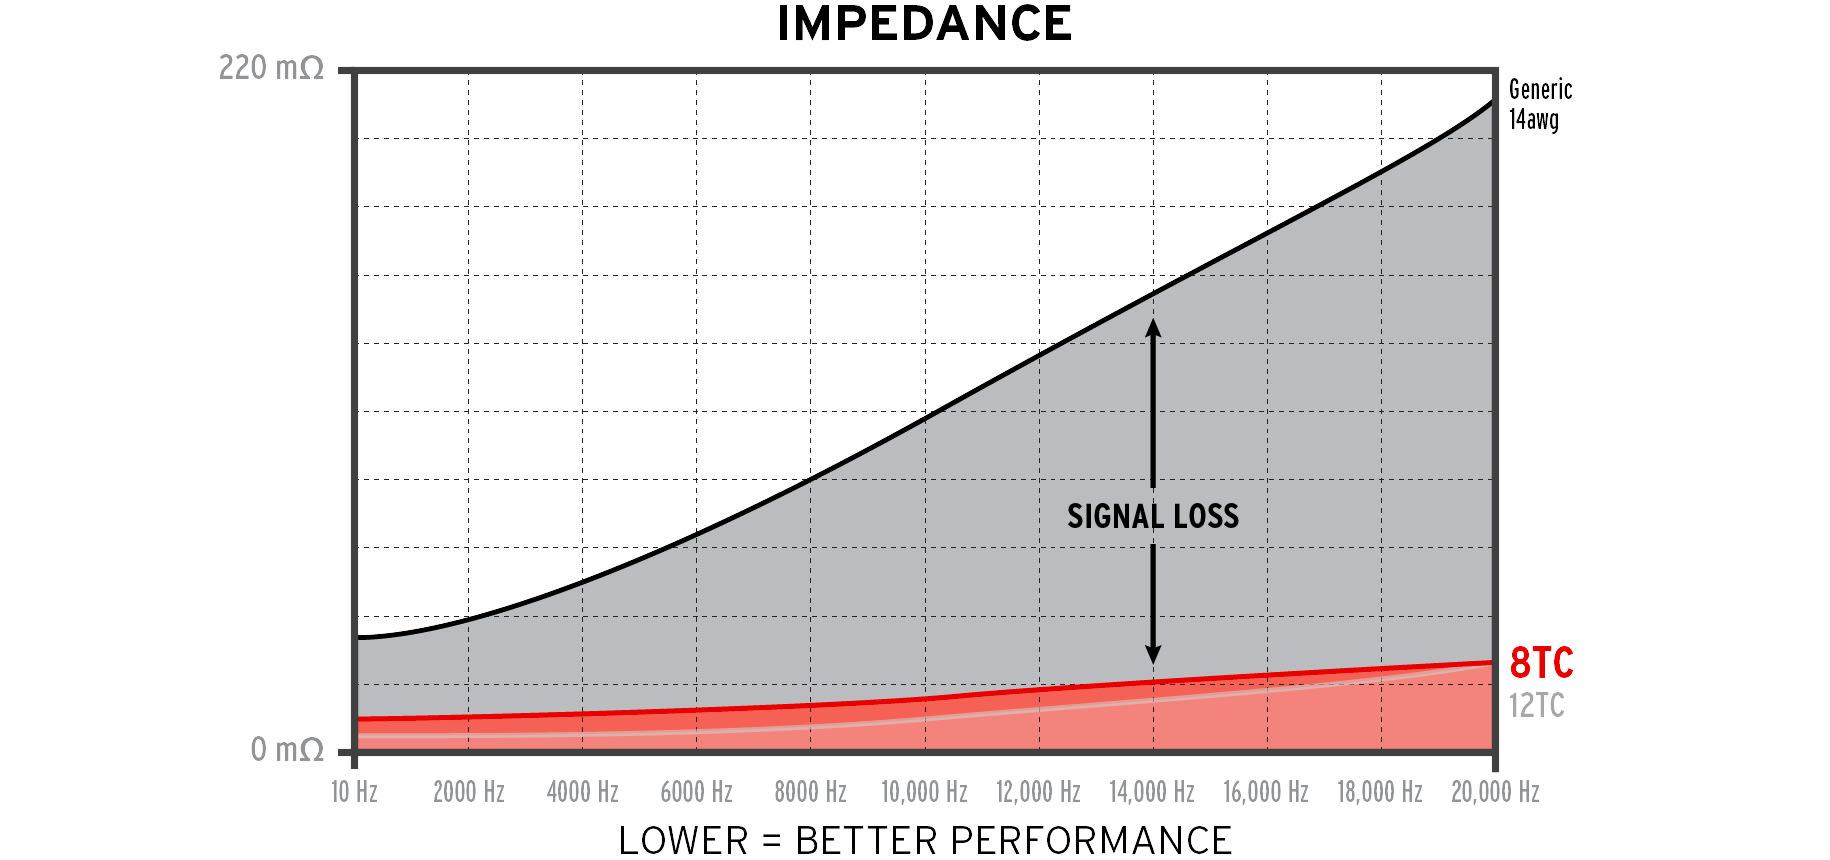 Kimber Kale 8TC impedance kurve